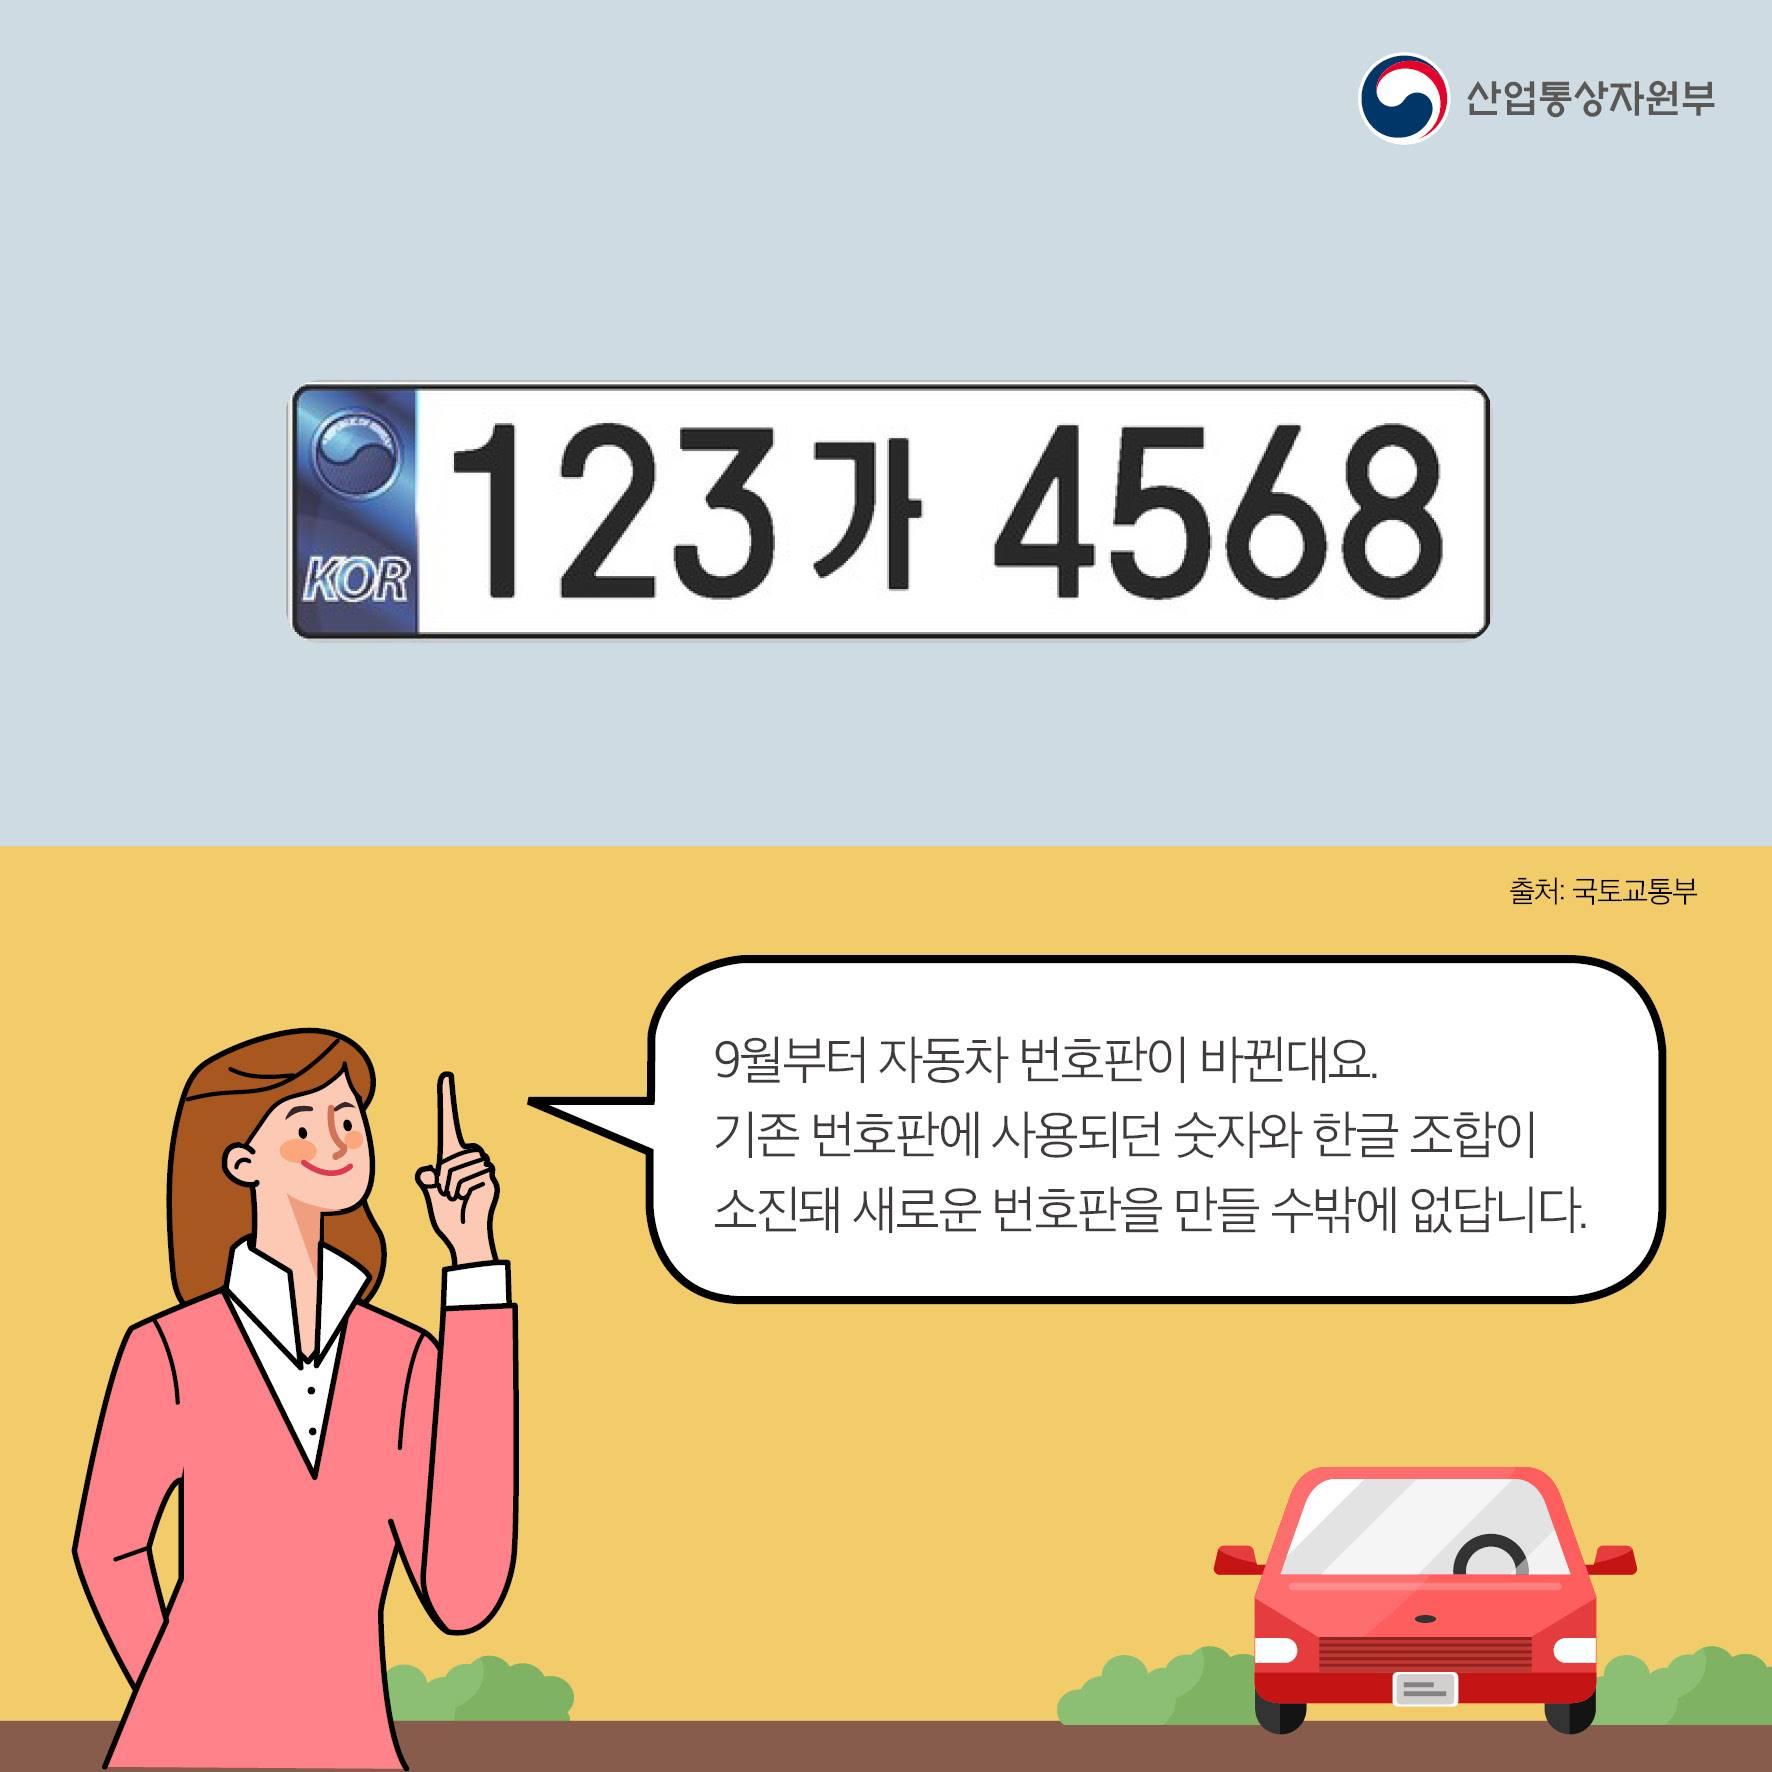 자동차 번호판, 그것이 궁금하다